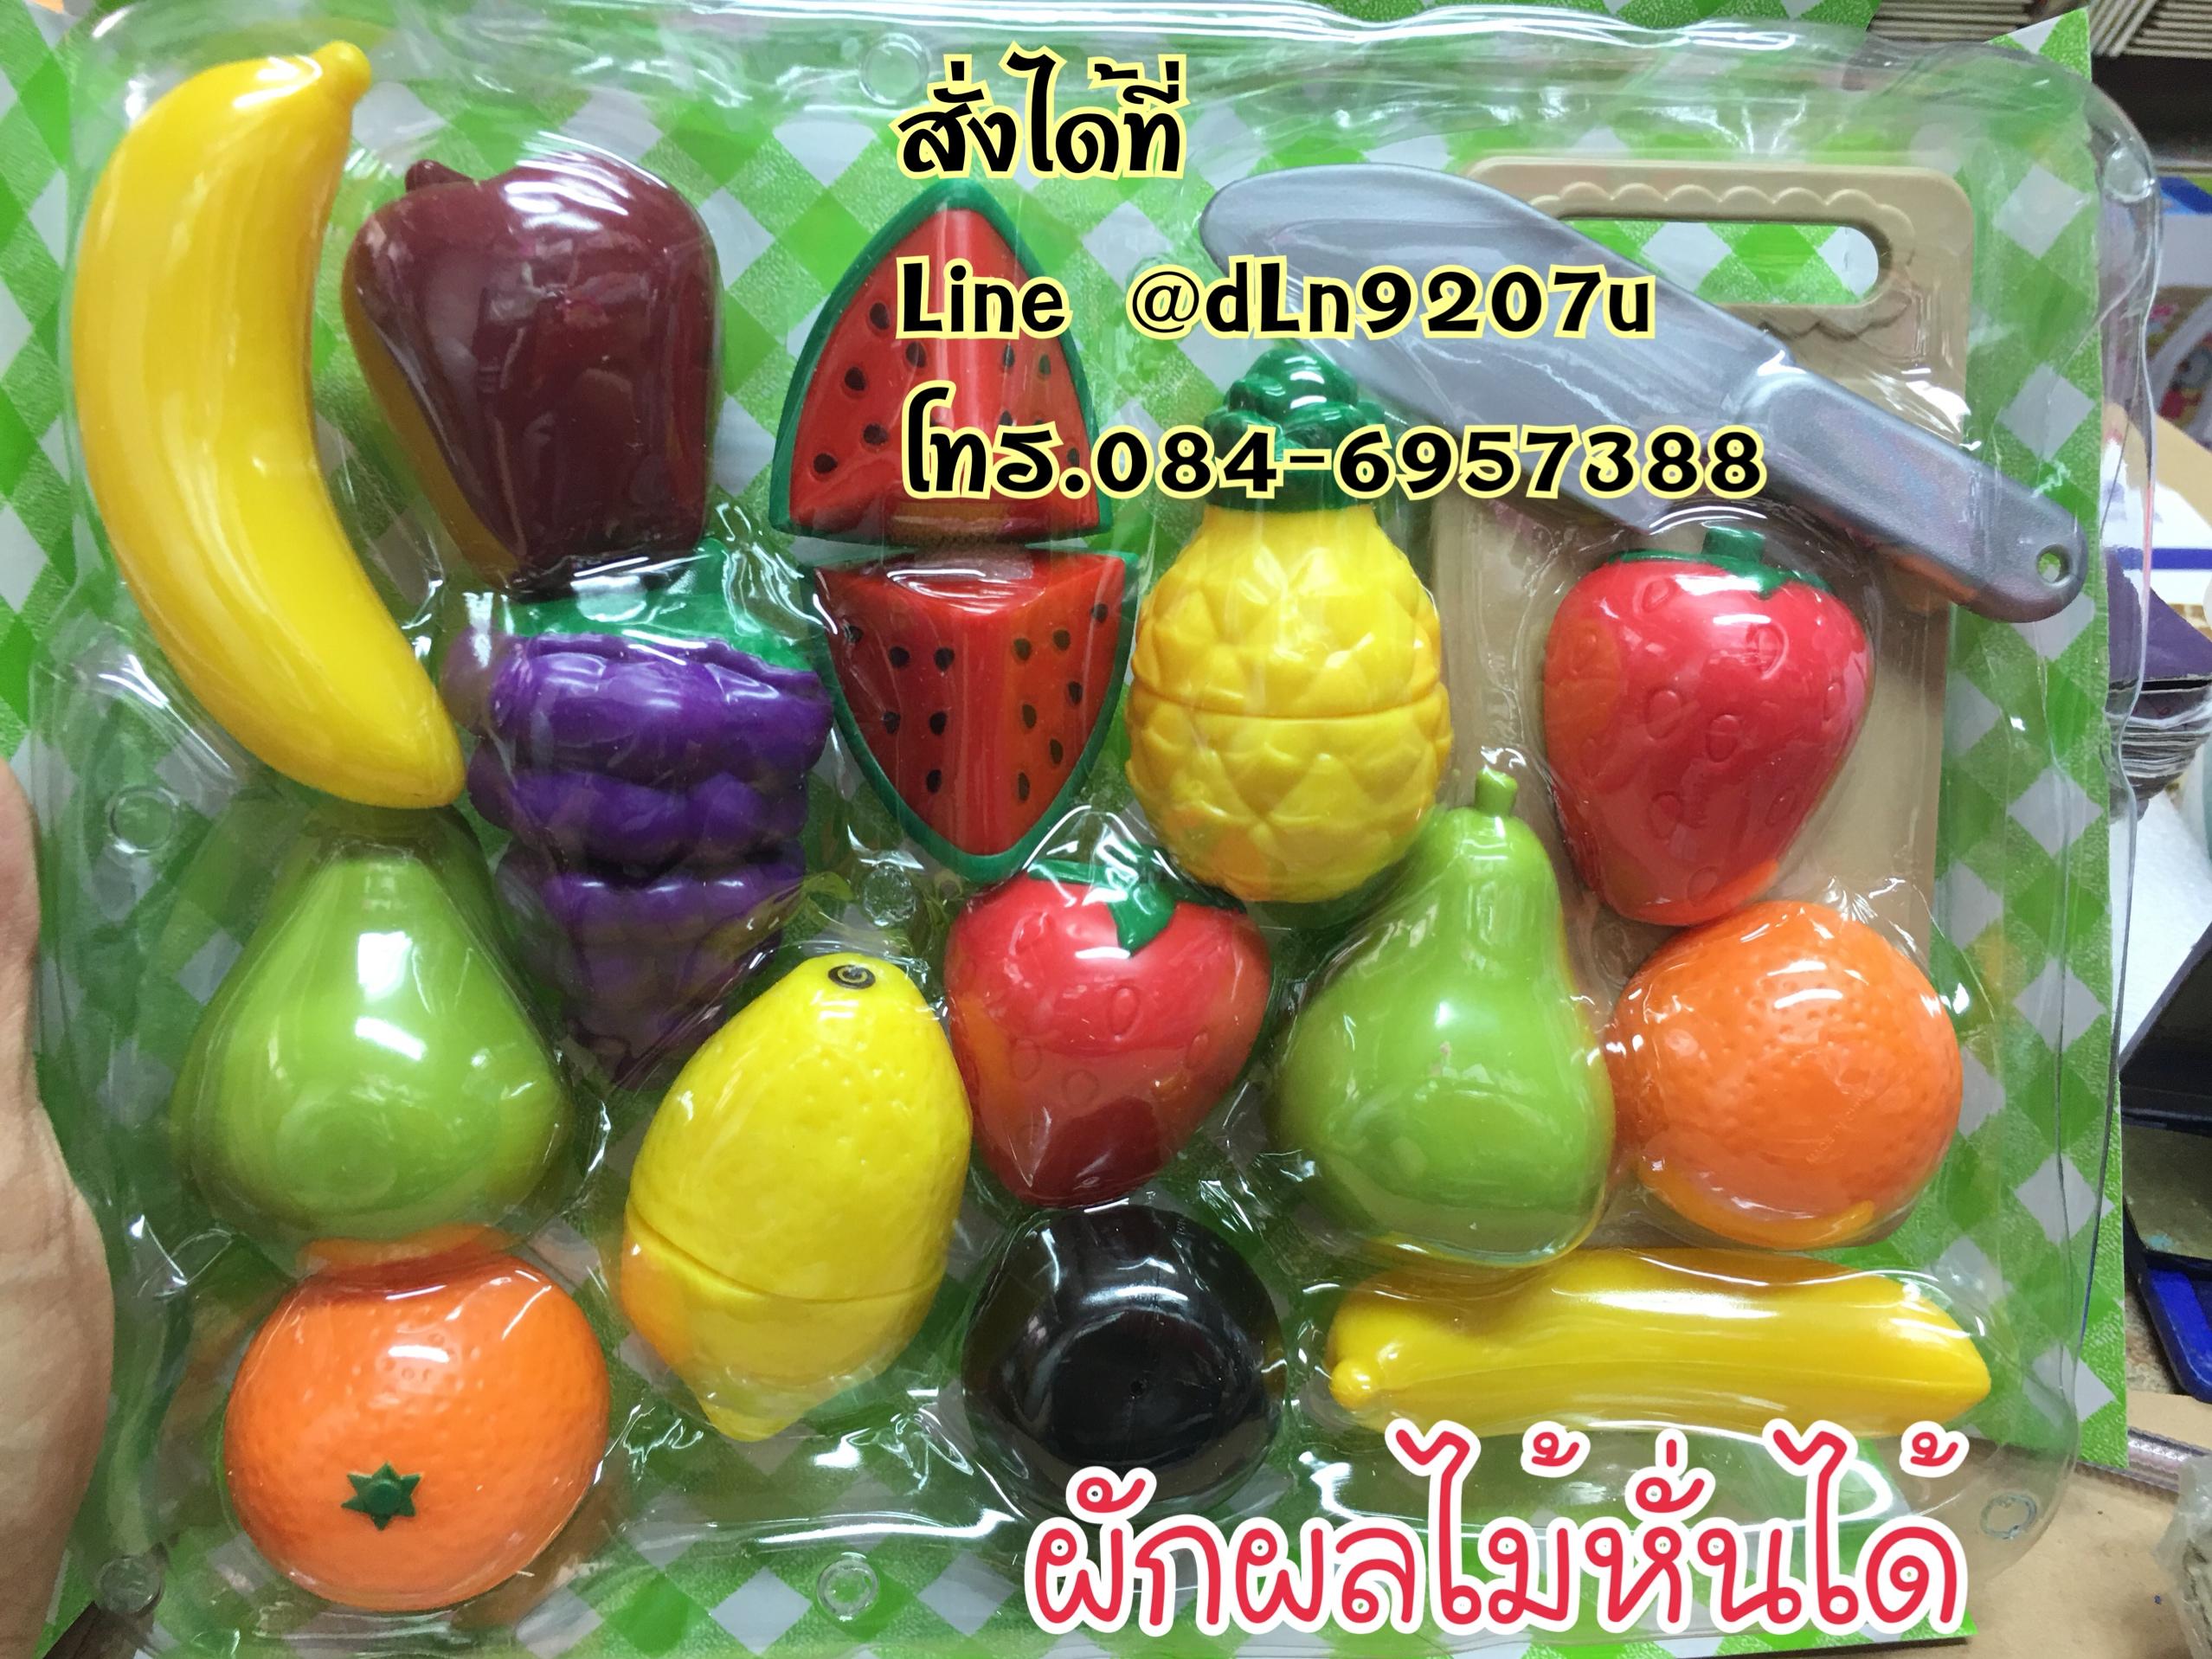 ผักผลไม้หั่นได้ 22 ชิ้น (10ชนิดไม่ซ้ำ)